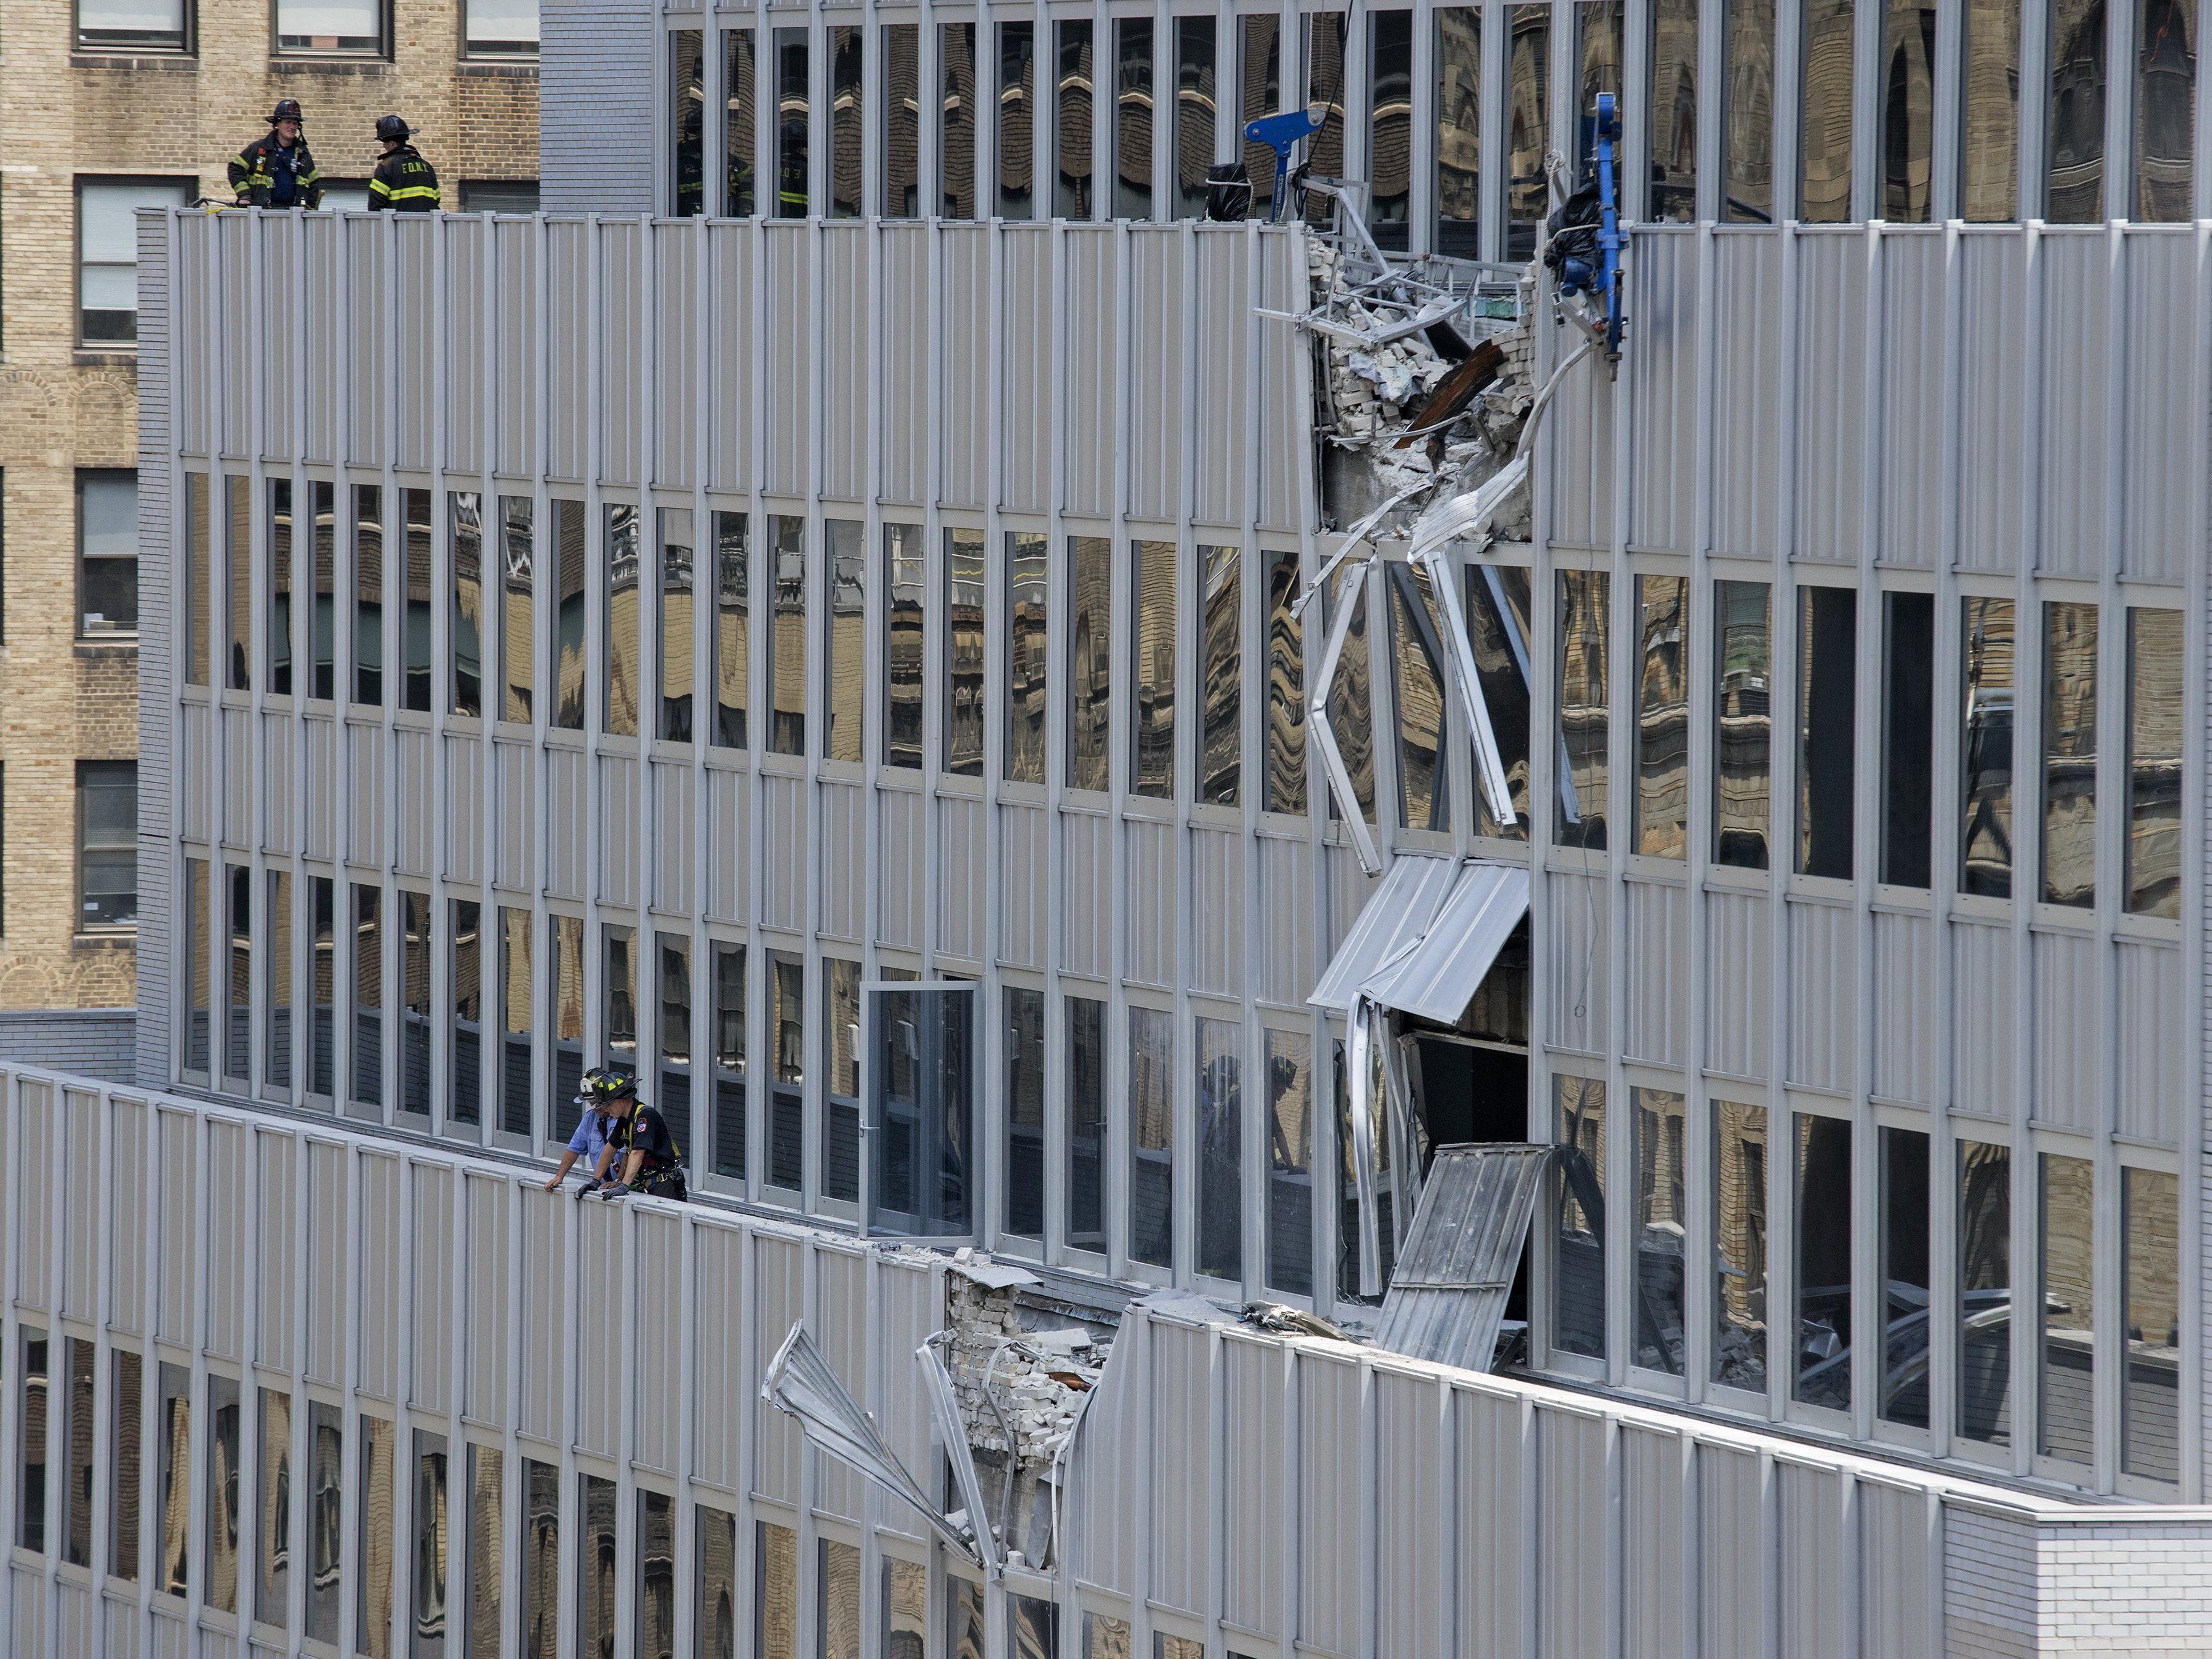 Klimaanlage stürzte 28 Stockwerke auf den Gehweg.